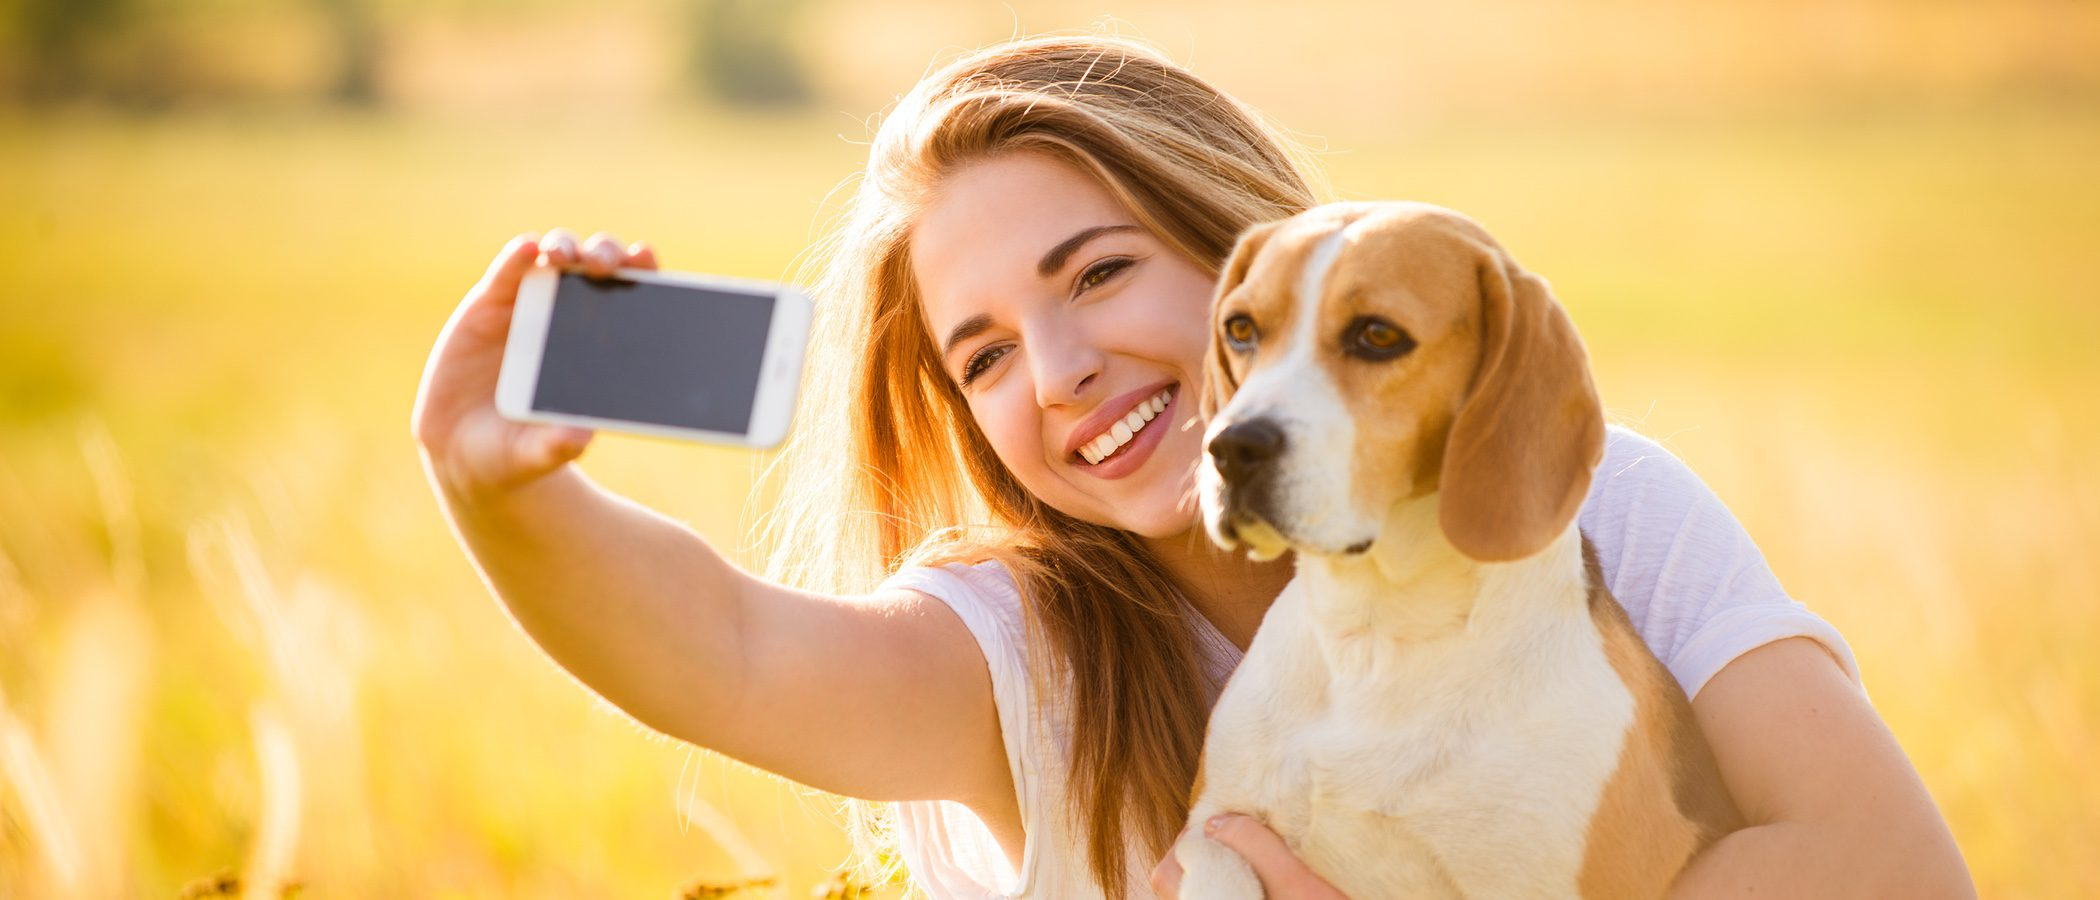 Cómo sacar buenas fotos a nuestras mascotas